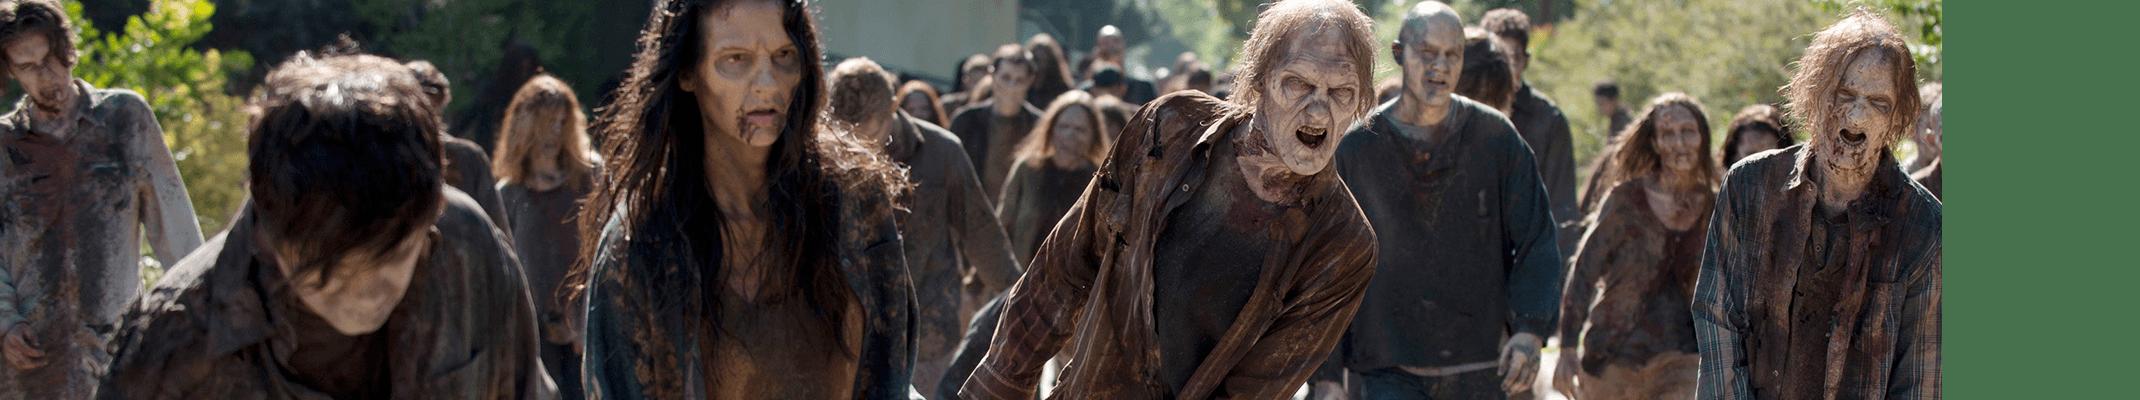 Zombies de esos que te quieren comer la carne y rechupetear los huesos